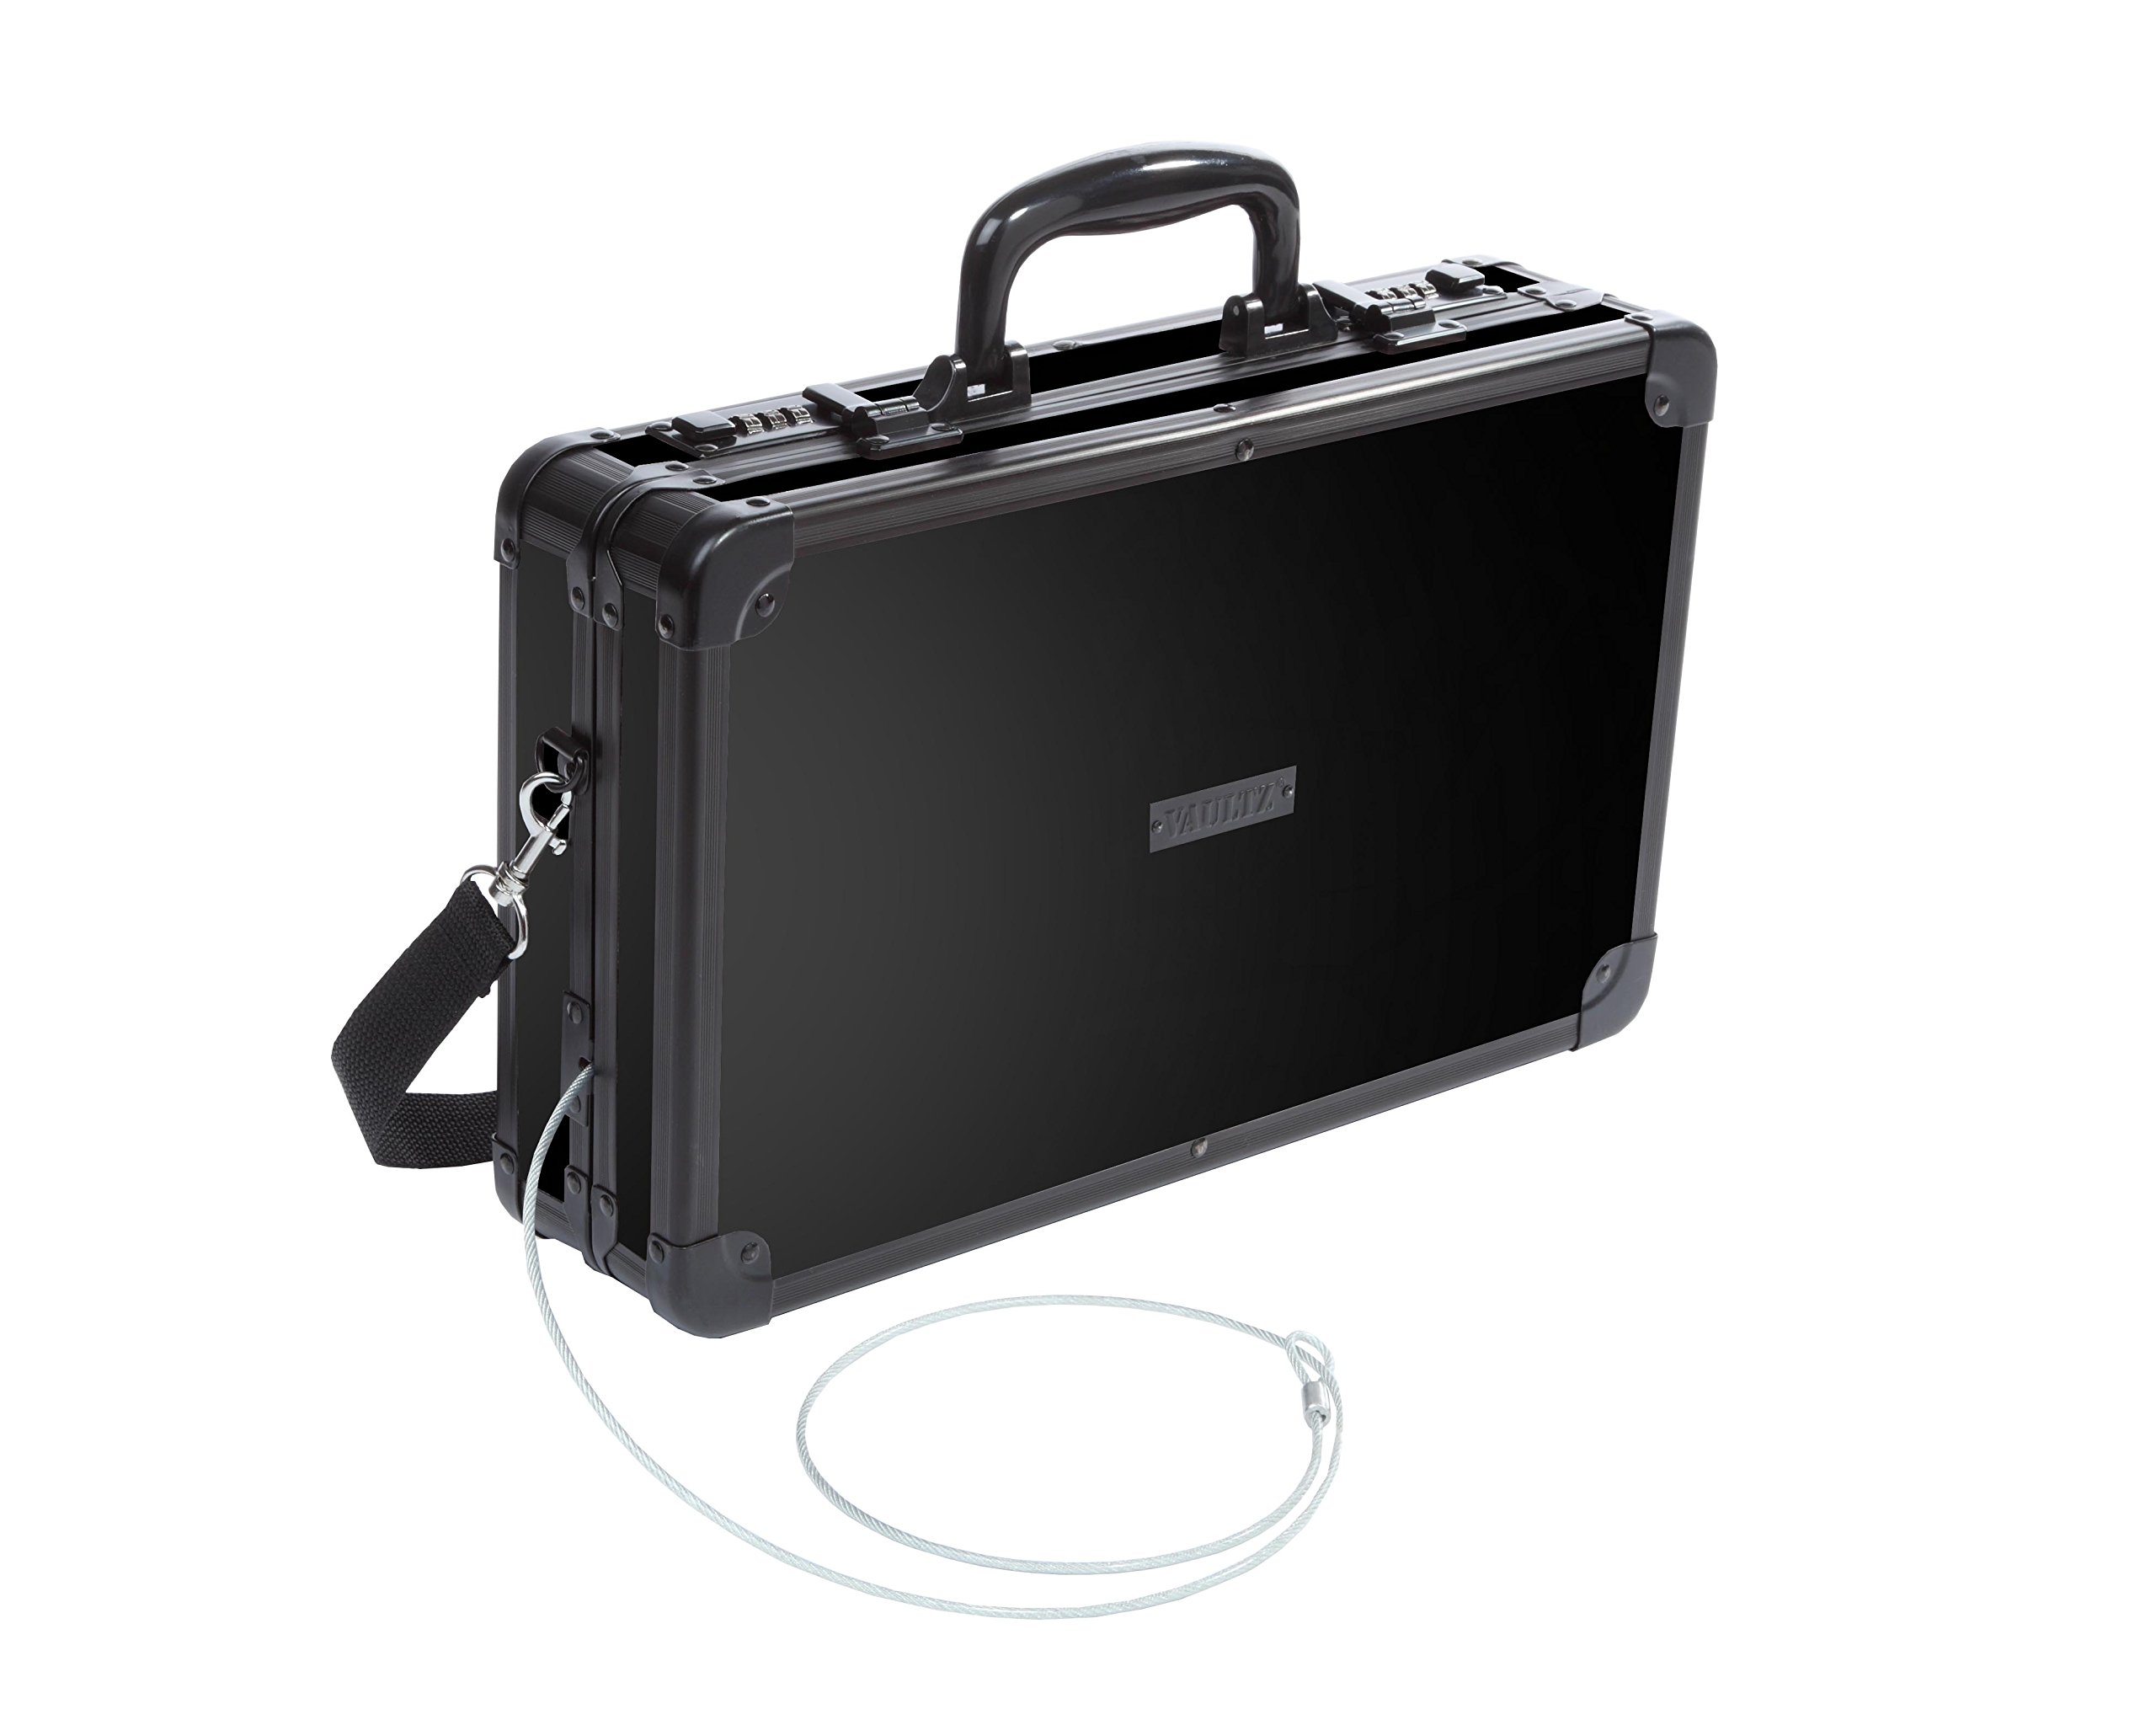 Vaultz Locking Handgun Case, 10 x 3.5 x 14.5 Inches, Black (VZ00408) by Vaultz